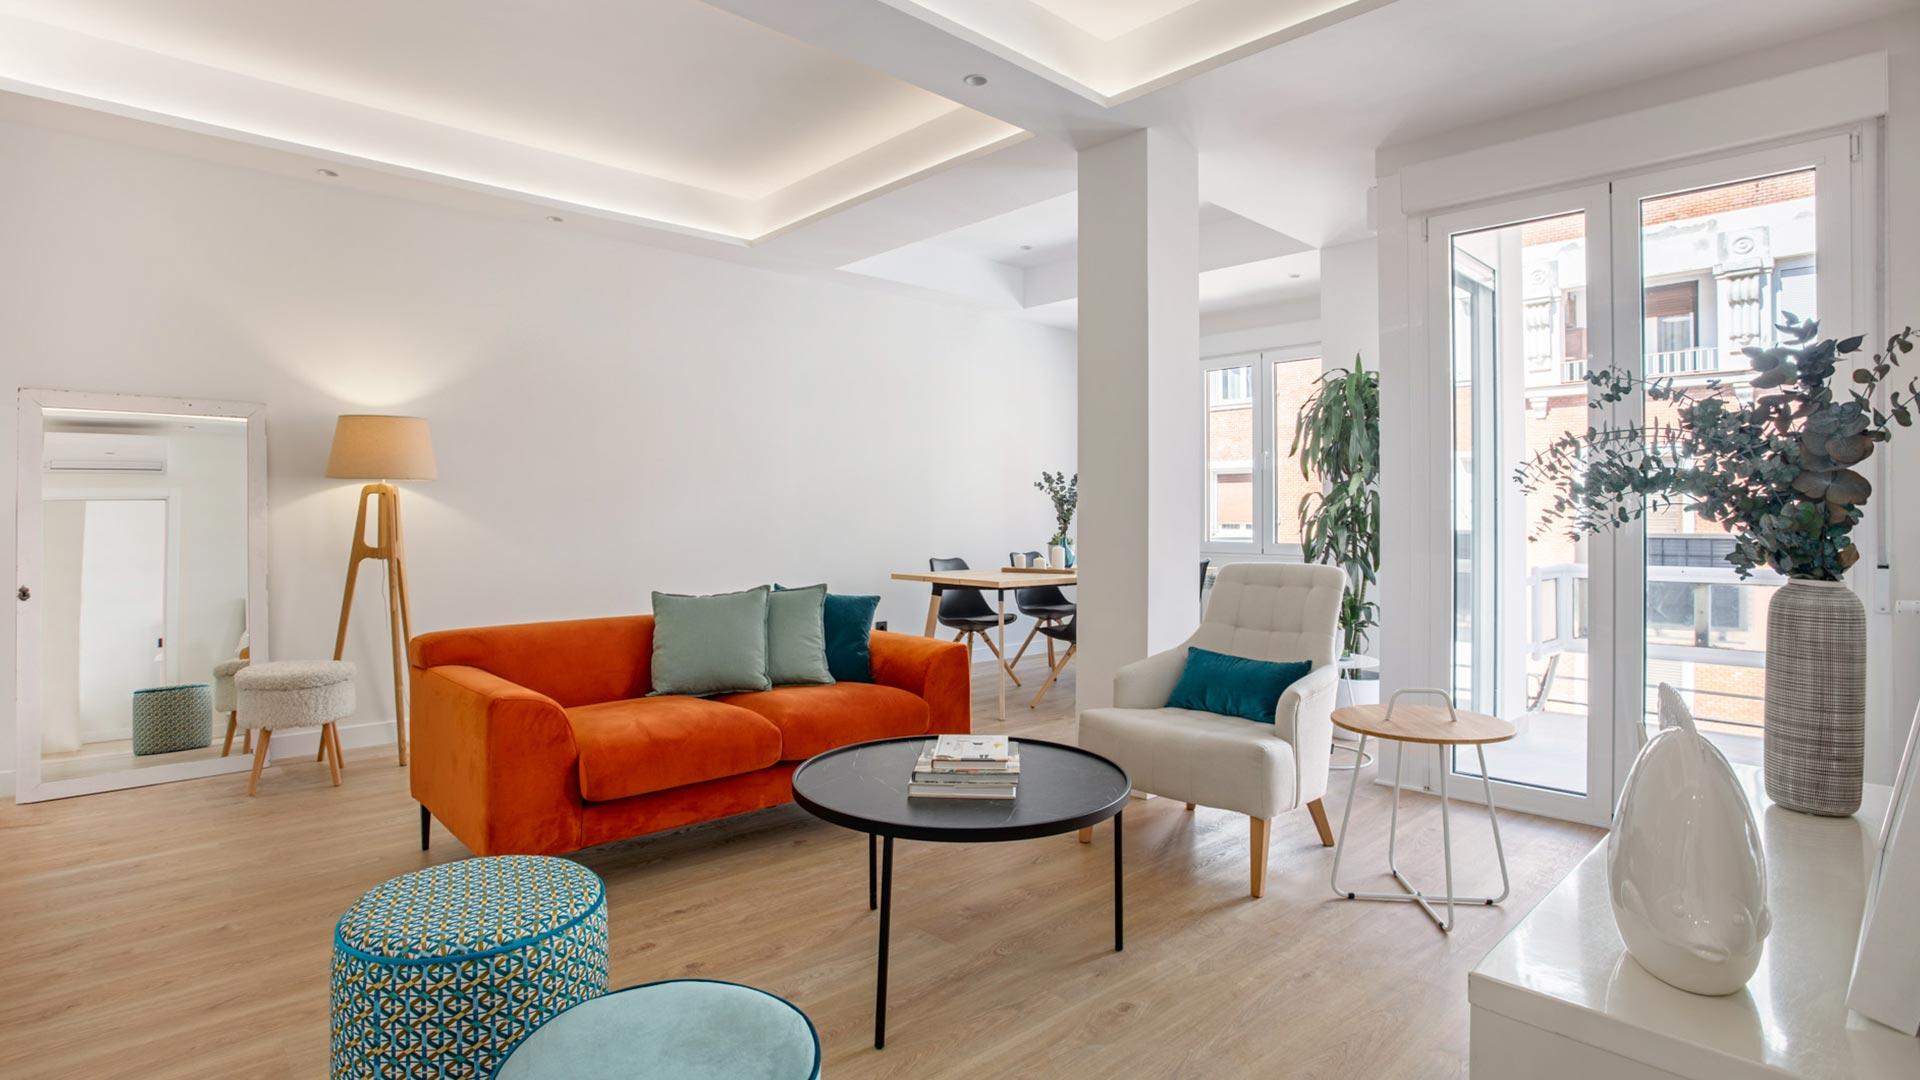 Aima estudio proyecto de vivienda en el centro de madrid